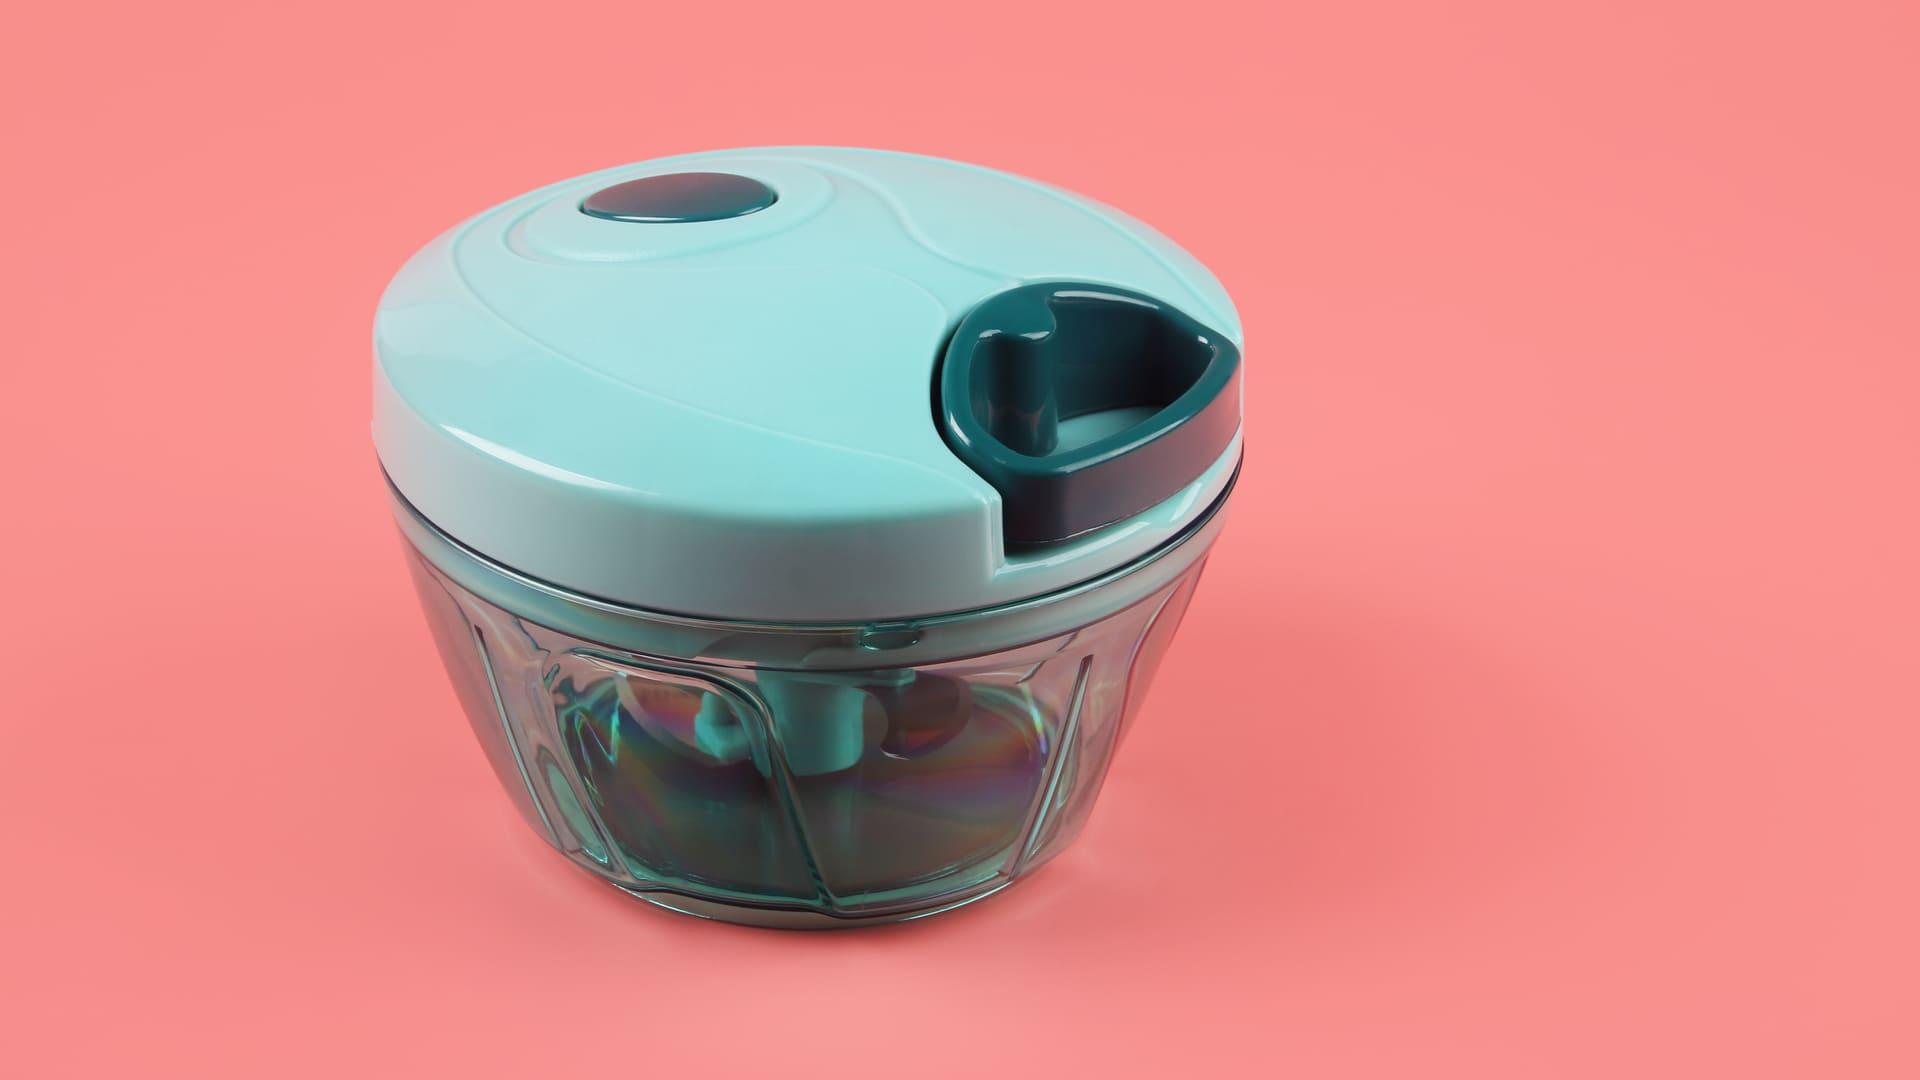 Basta inserir os alimentos no processador de alho e puxar a parte azul escura da tampa. (Imagem: Reprodução/Shutterstock)